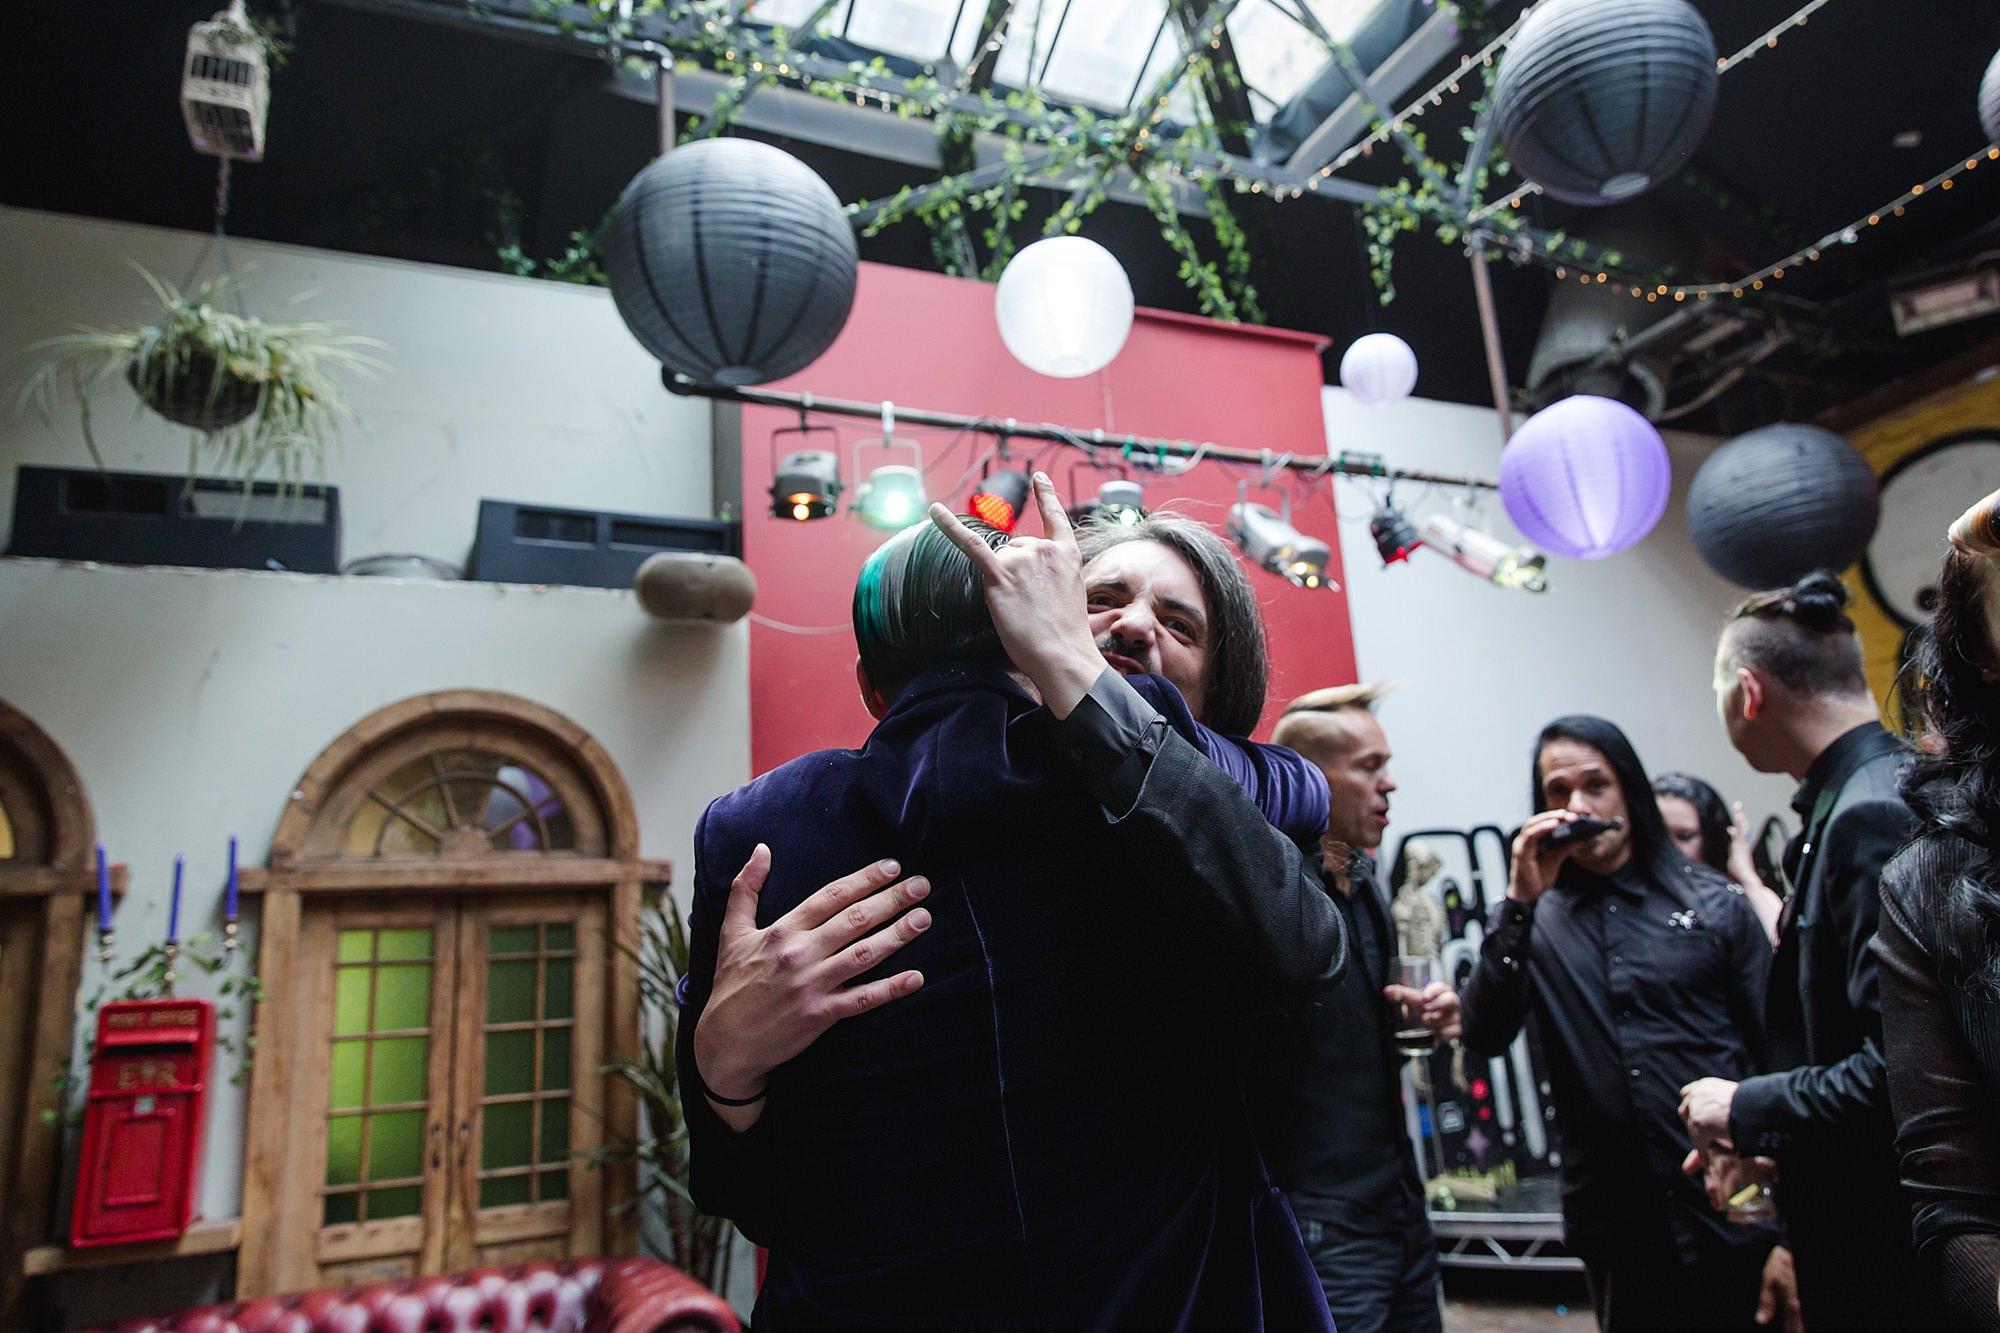 wedding guest hugging groom at goth wedding london